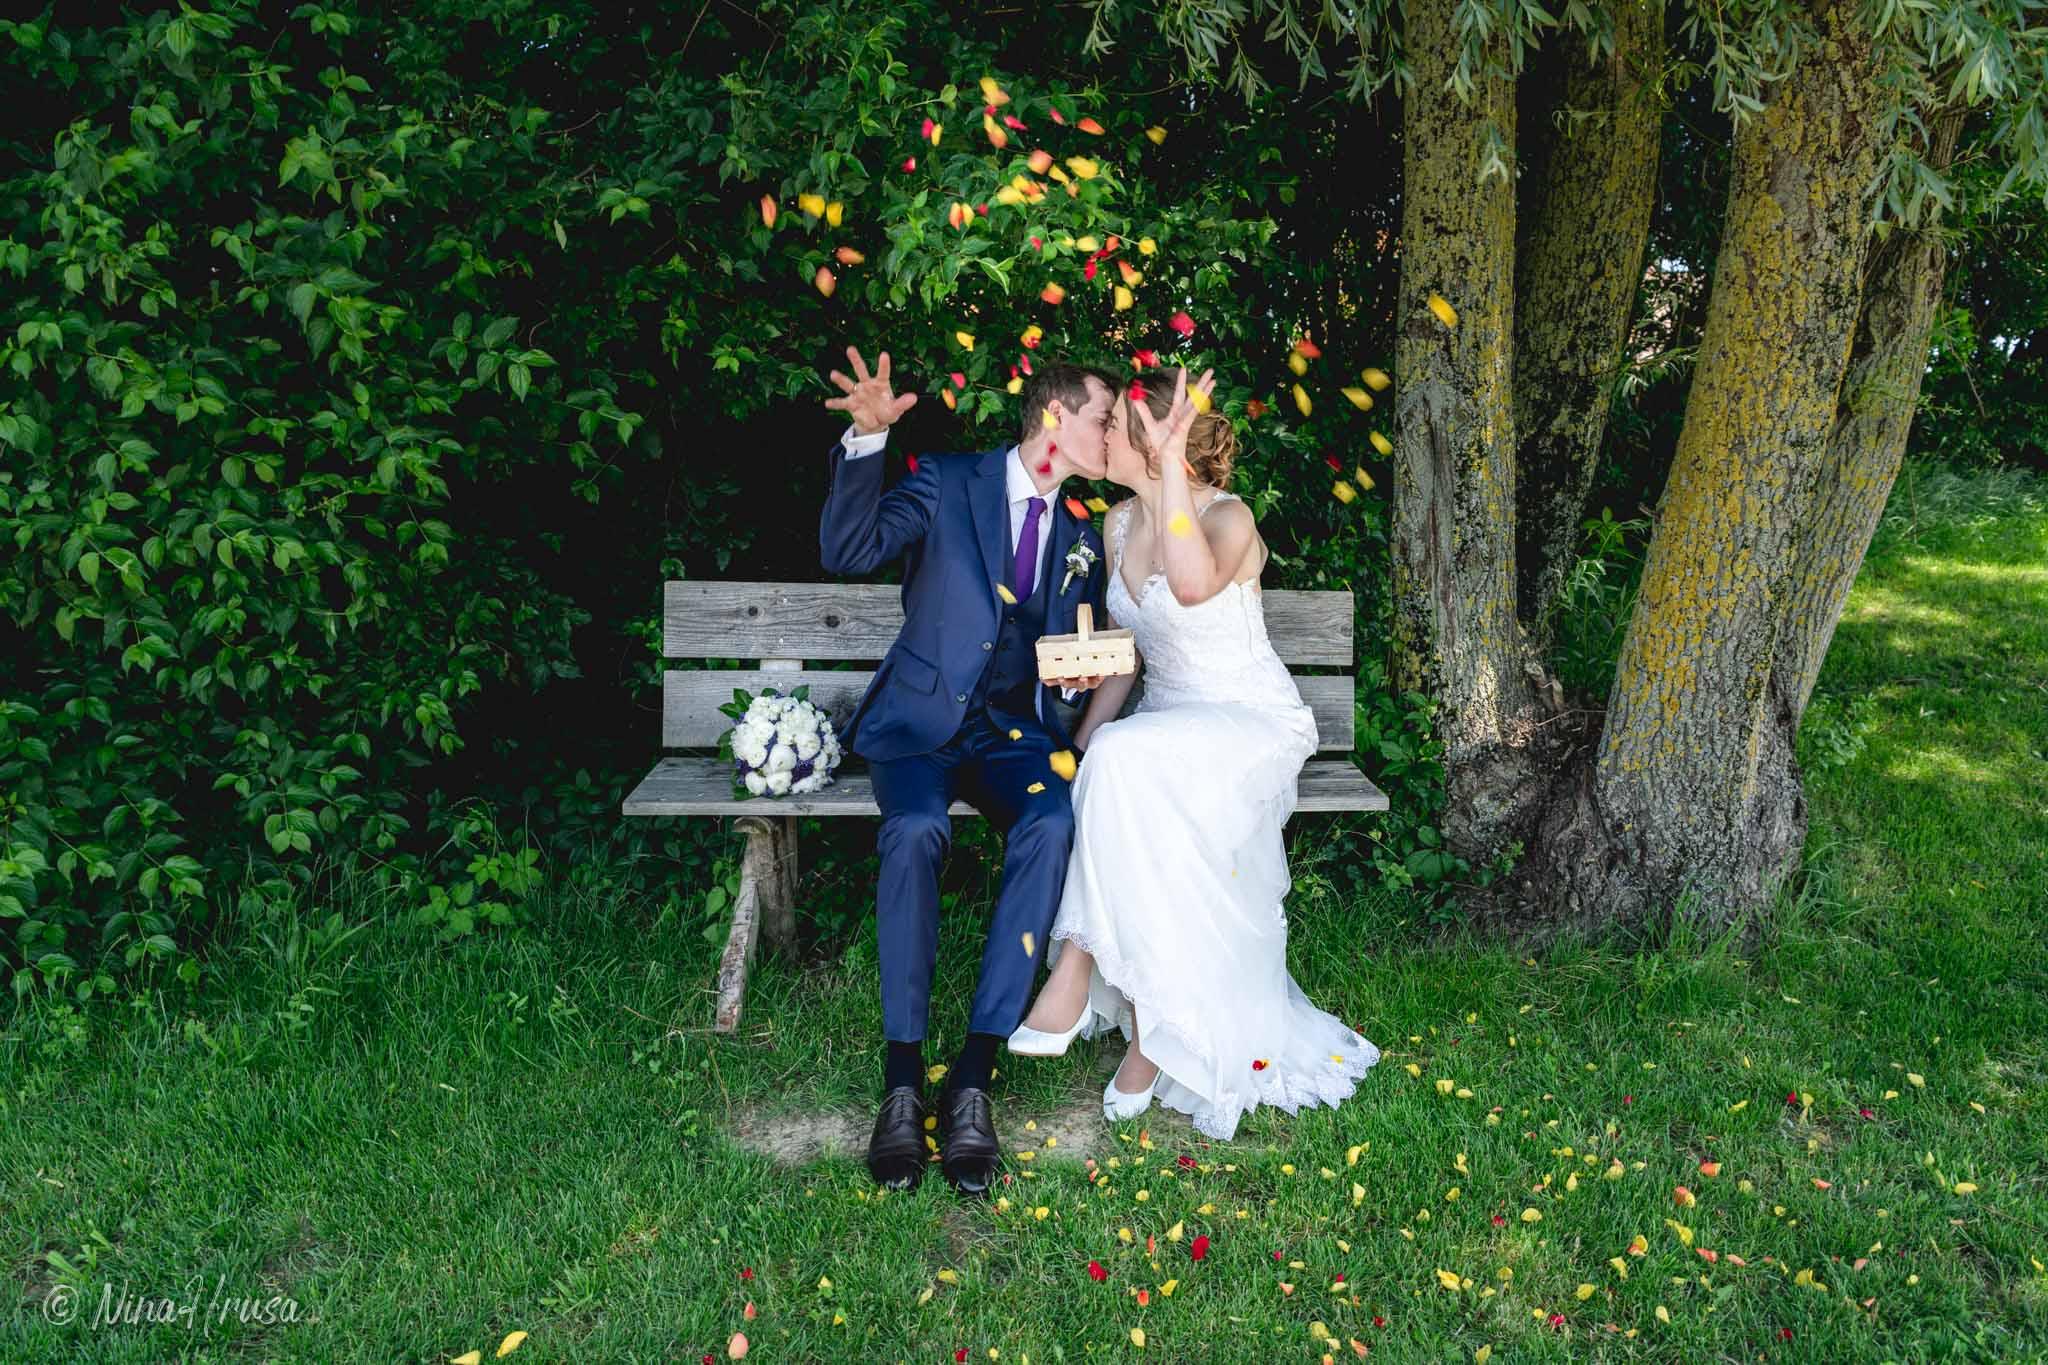 Brautpaar mit Rosenblüten, Hochzeitsfotografie, Zwischenmomente | Nina Hrusa Photography